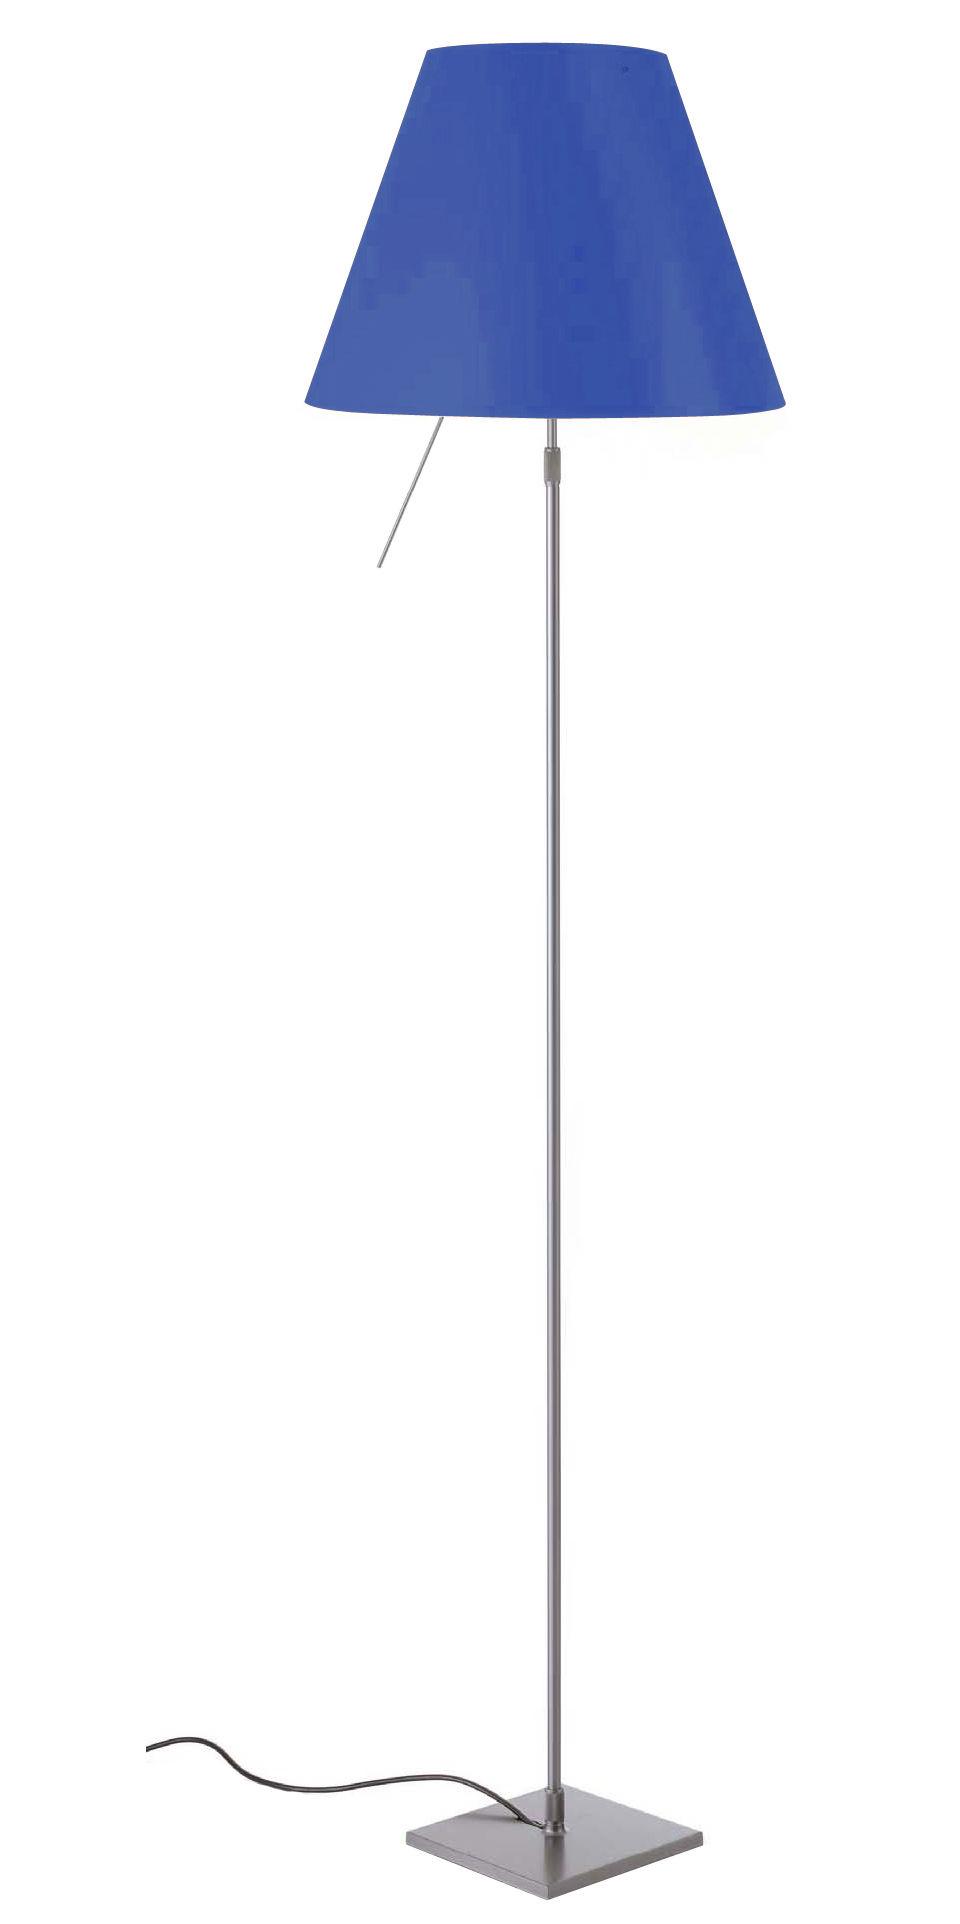 Illuminazione - Lampade da terra - Lampada a stelo Costanza di Luceplan - Blu - alluminio verniciato, policarbonato